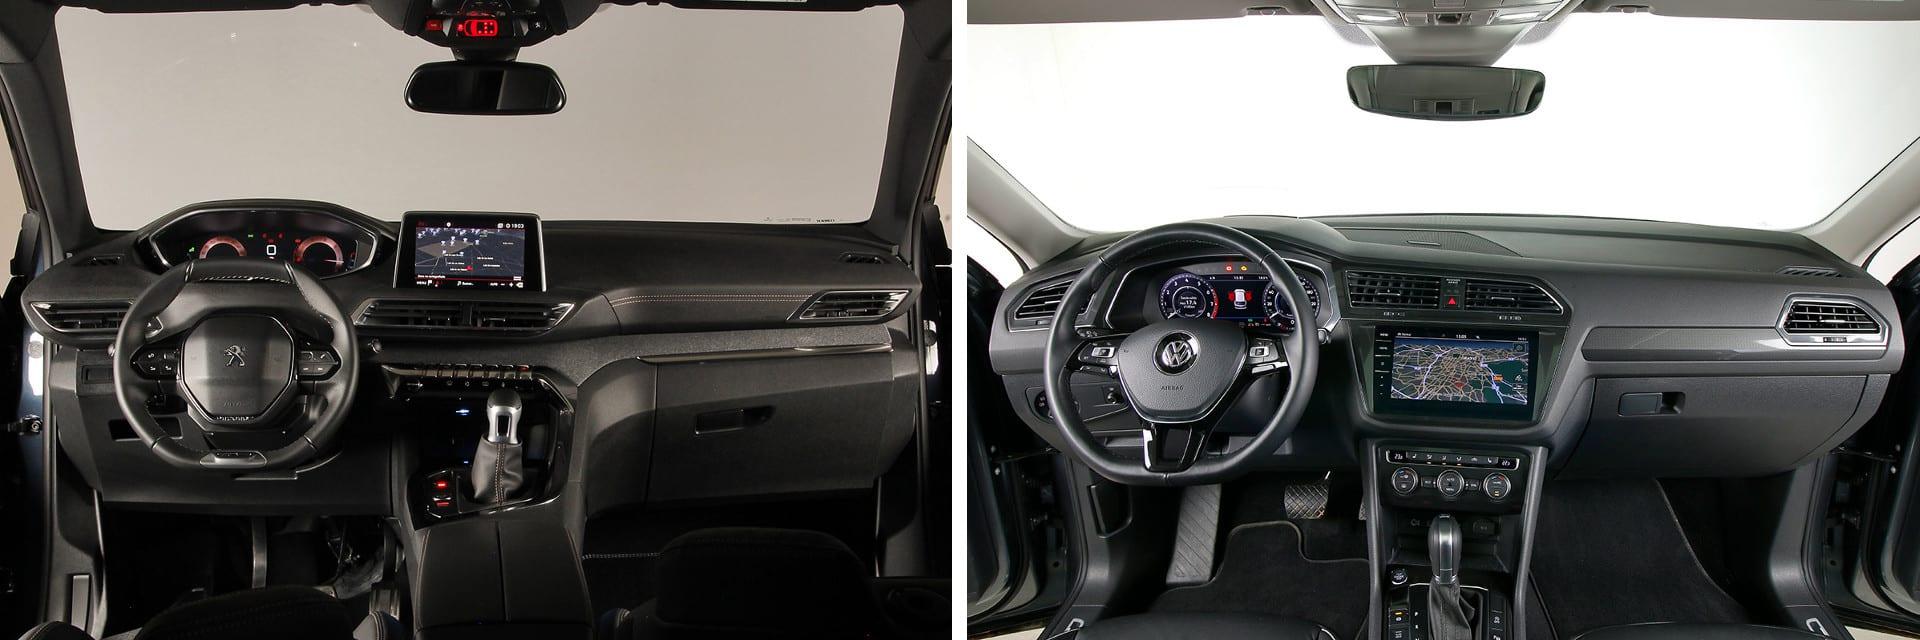 La pantalla principal del Volkswagen (decha.) ofrece una mejor experiencia de manejo. En el Peugeot todo requiere más pasos, con la consiguiente pérdida de atención a la conducción.